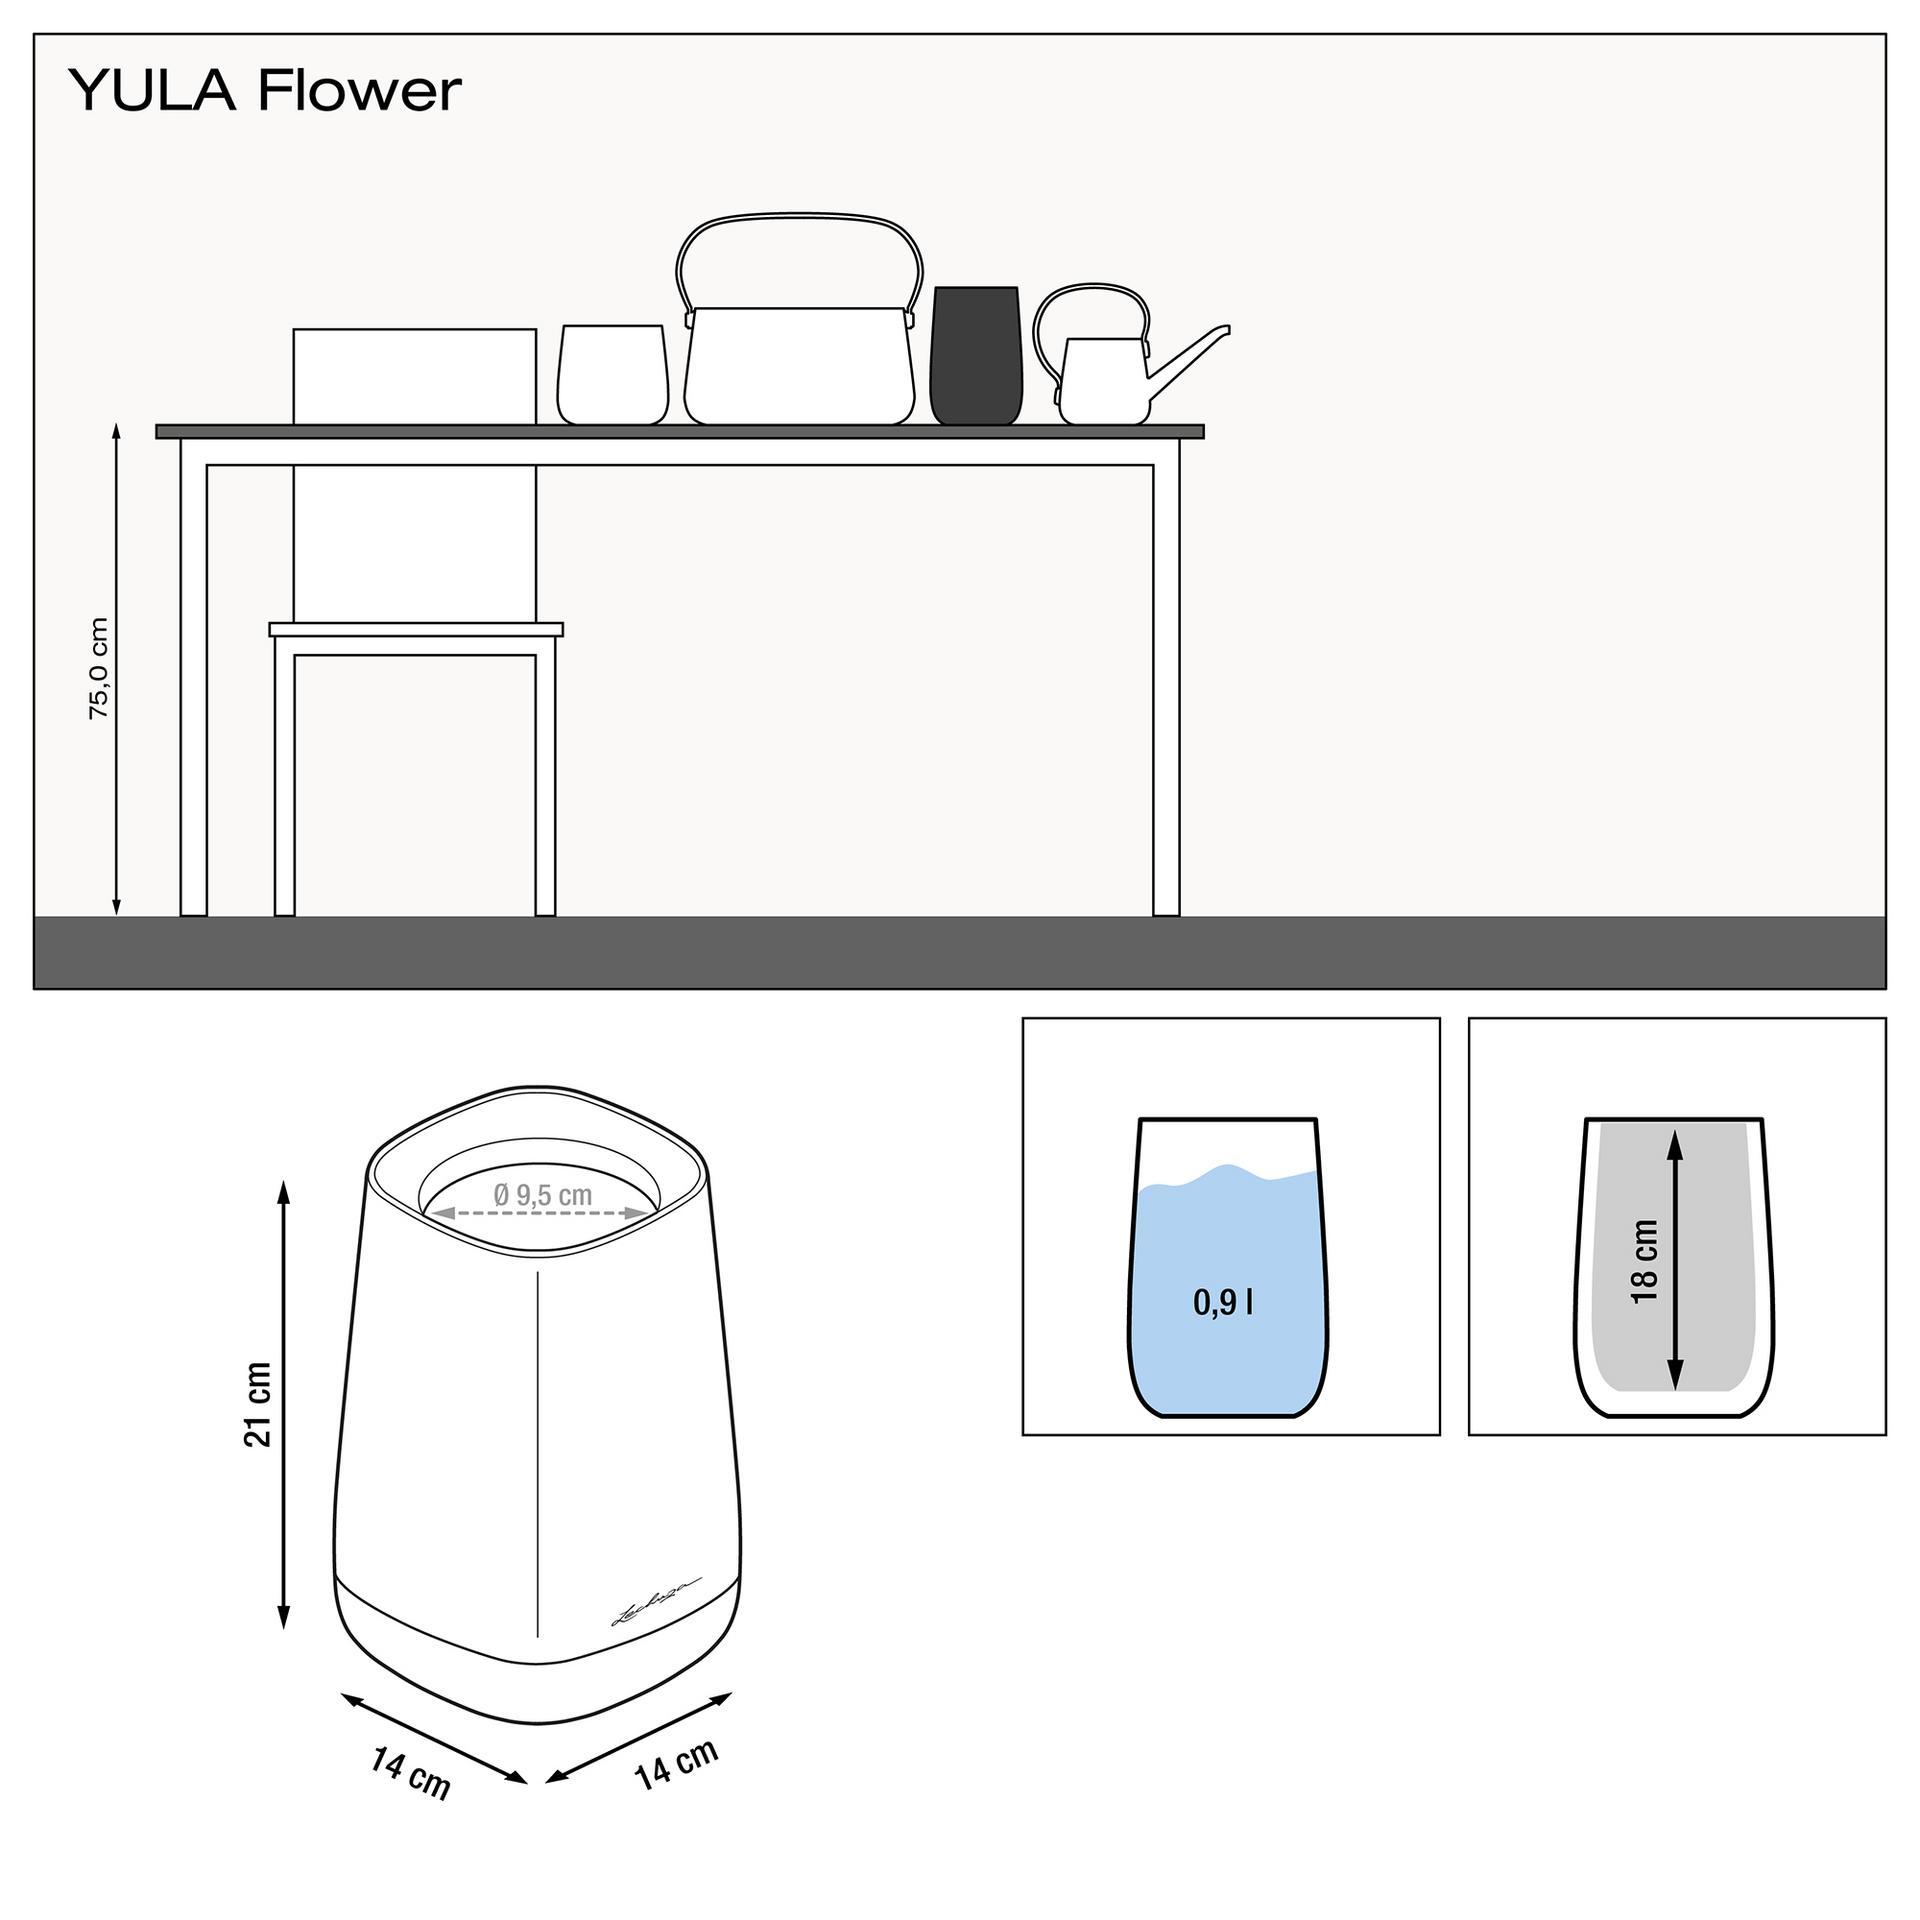 le_yula-flower_product_addi_nz